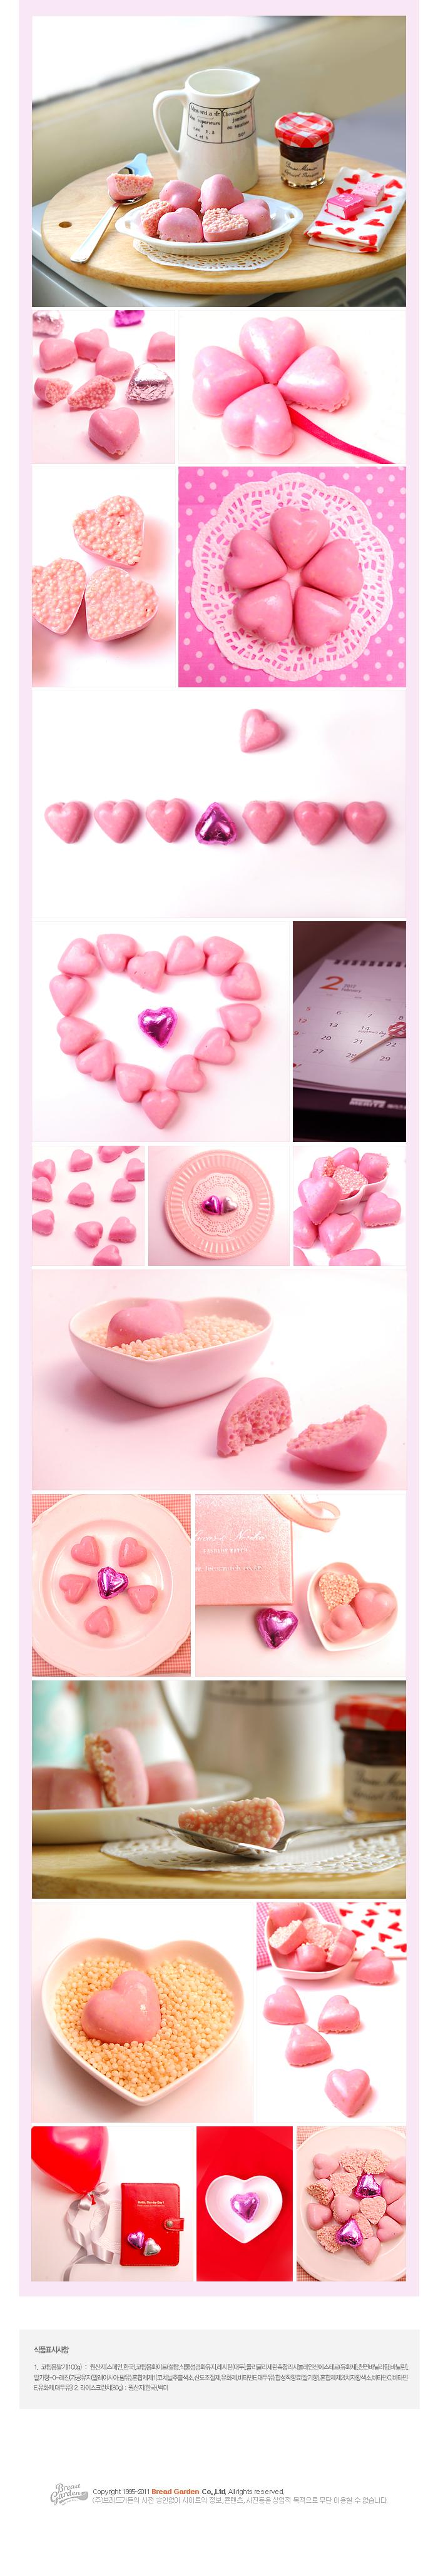 바삭바삭하트초콜릿만들기세트